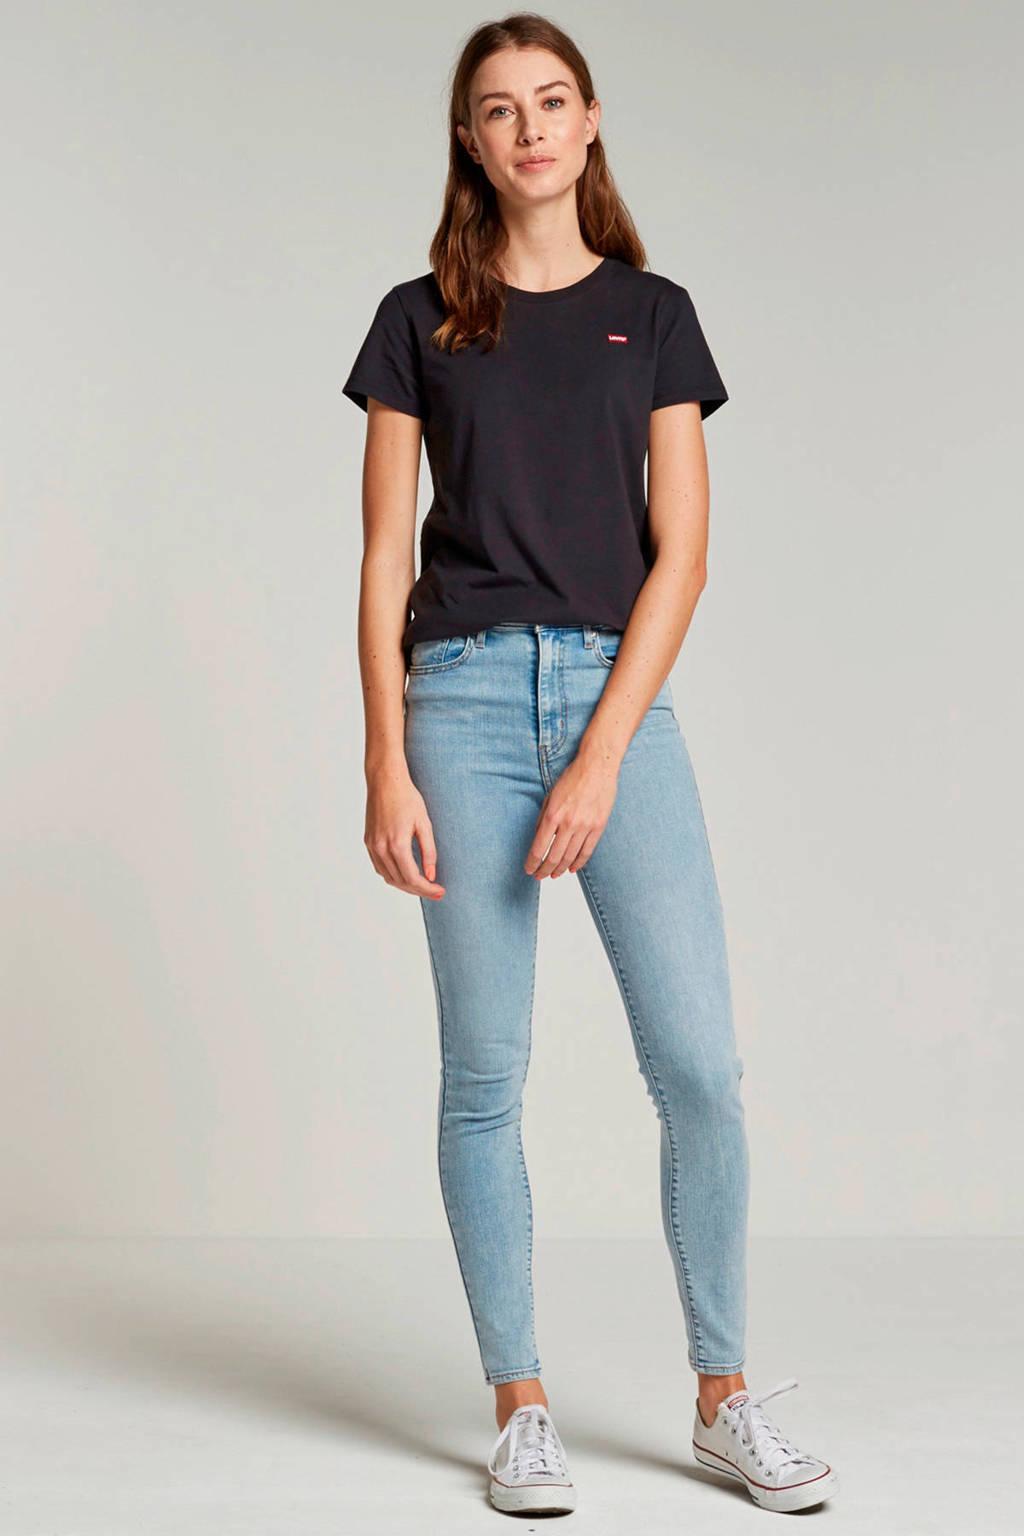 Levi's Perfect T-shirt zwart, Zwart/rood/wit